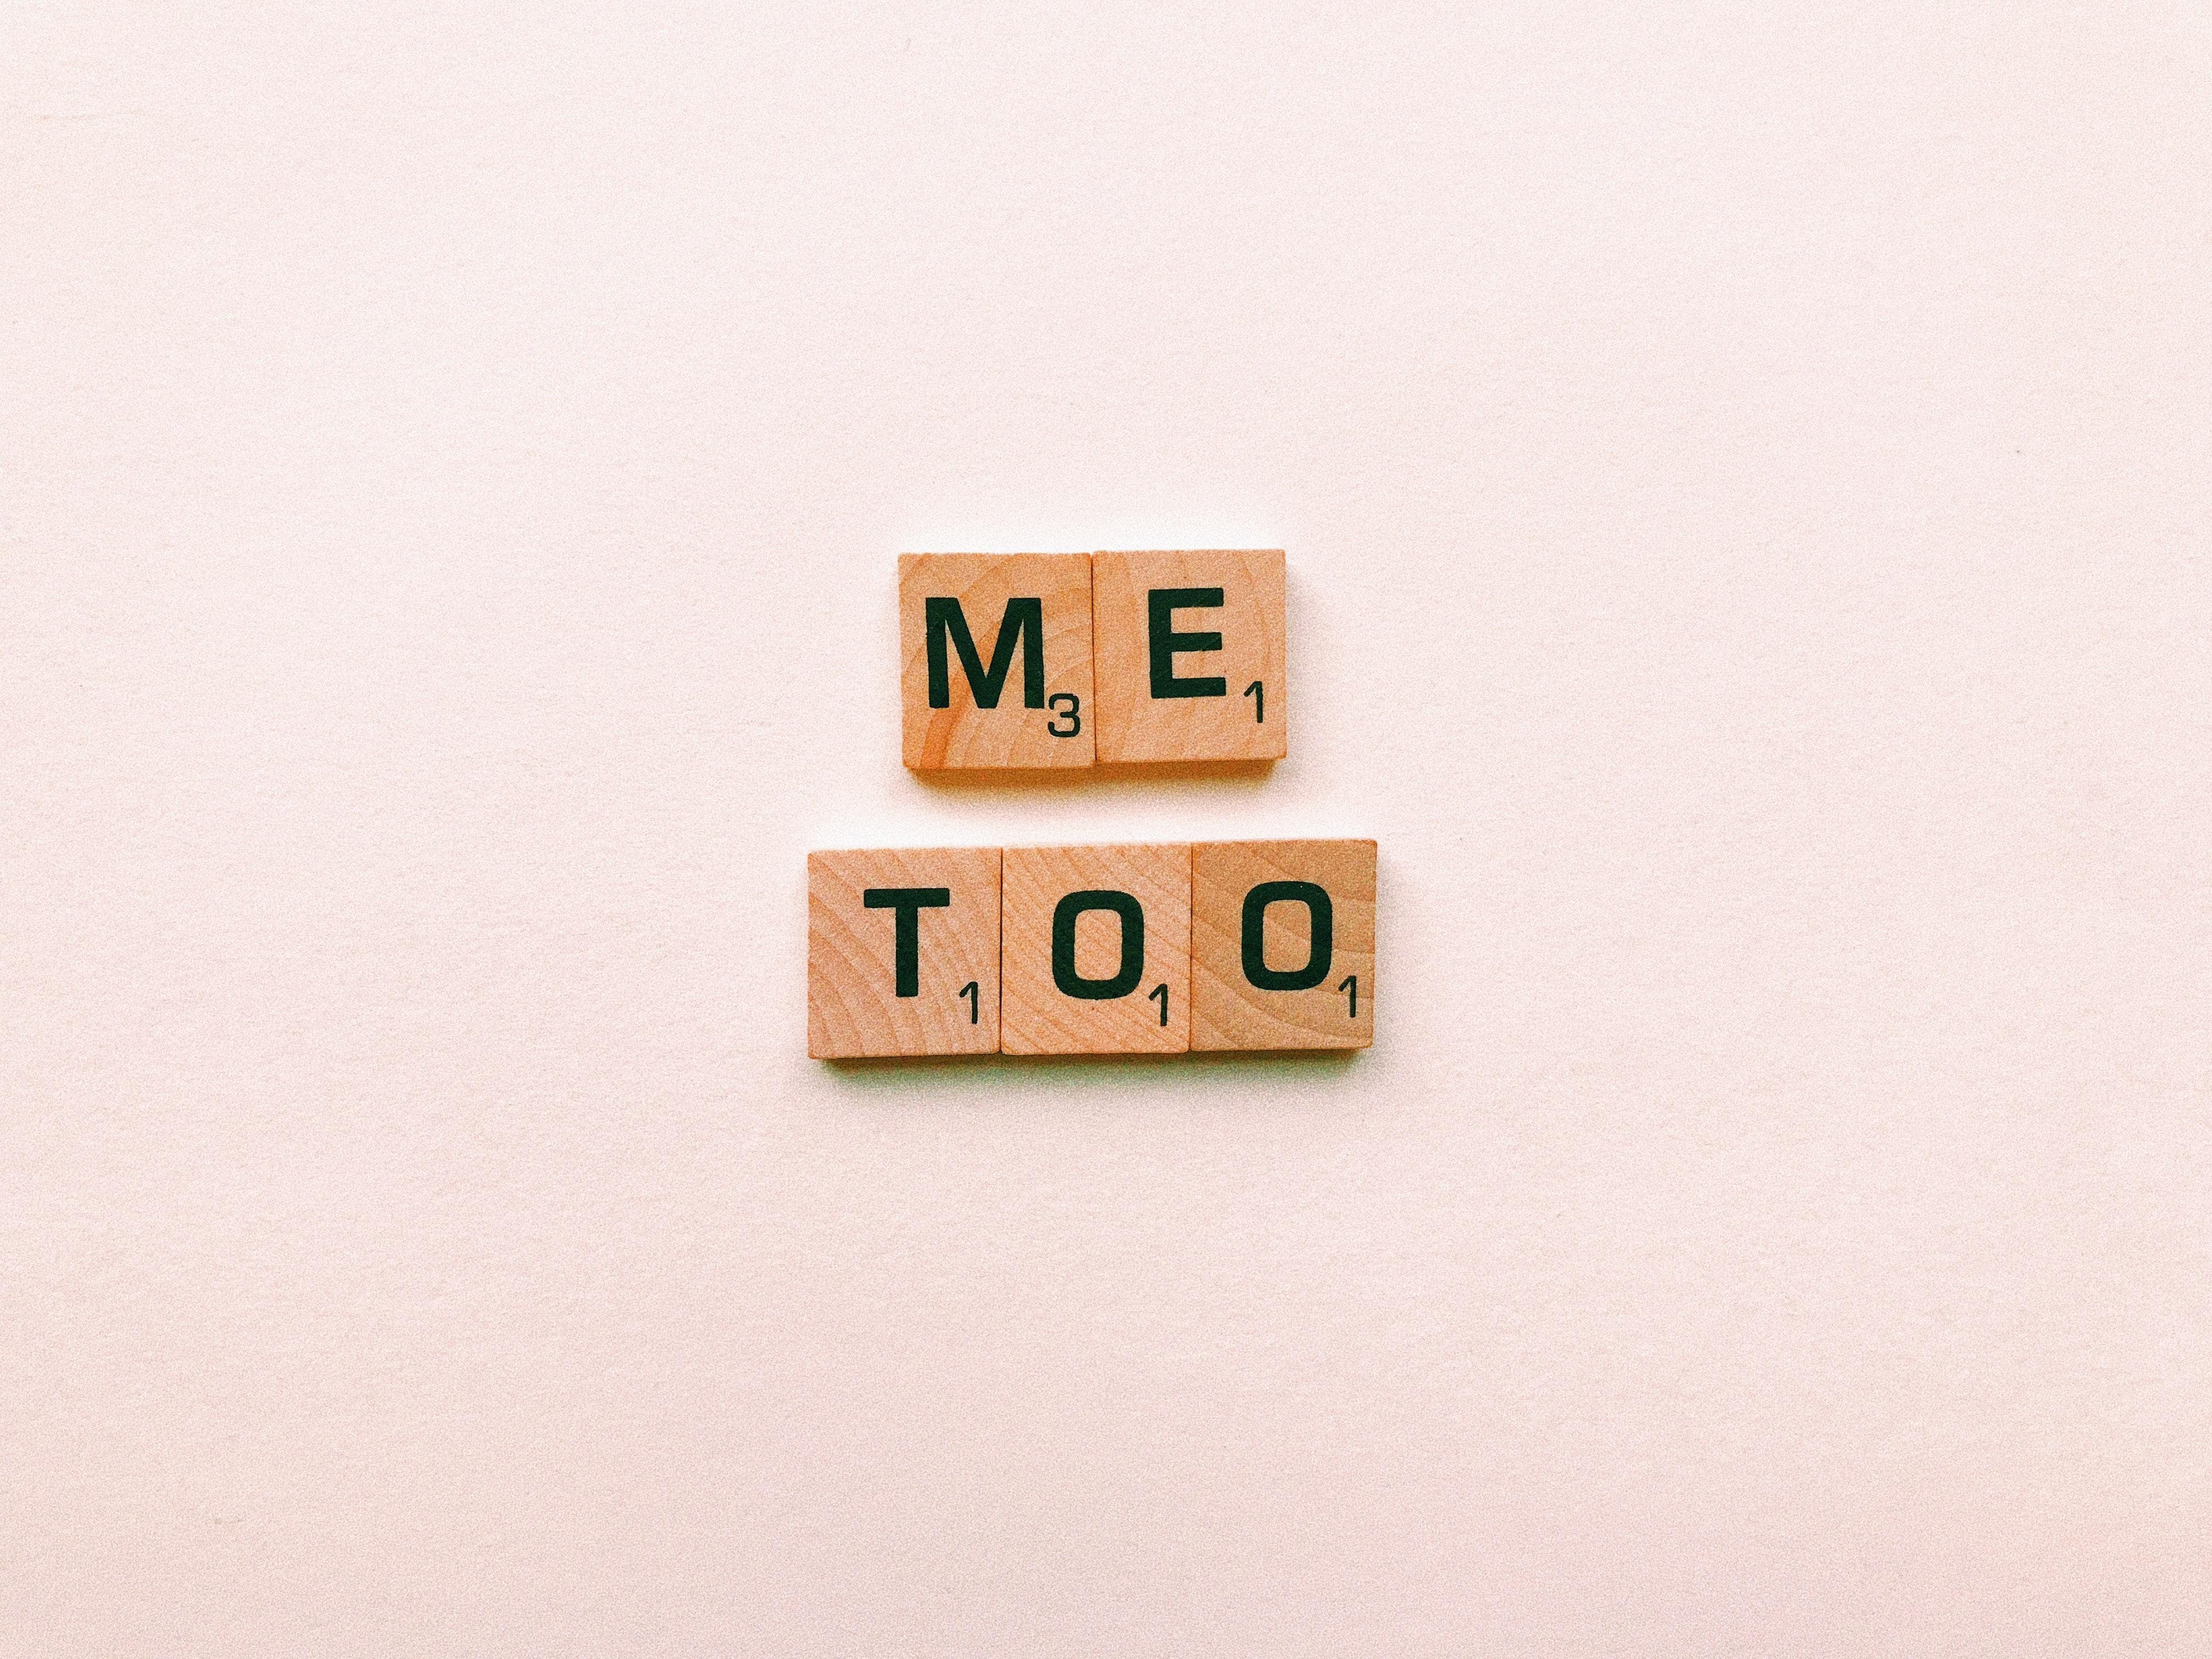 Seksualno uznemiravanje i zlostavljanje – tko je kriv?